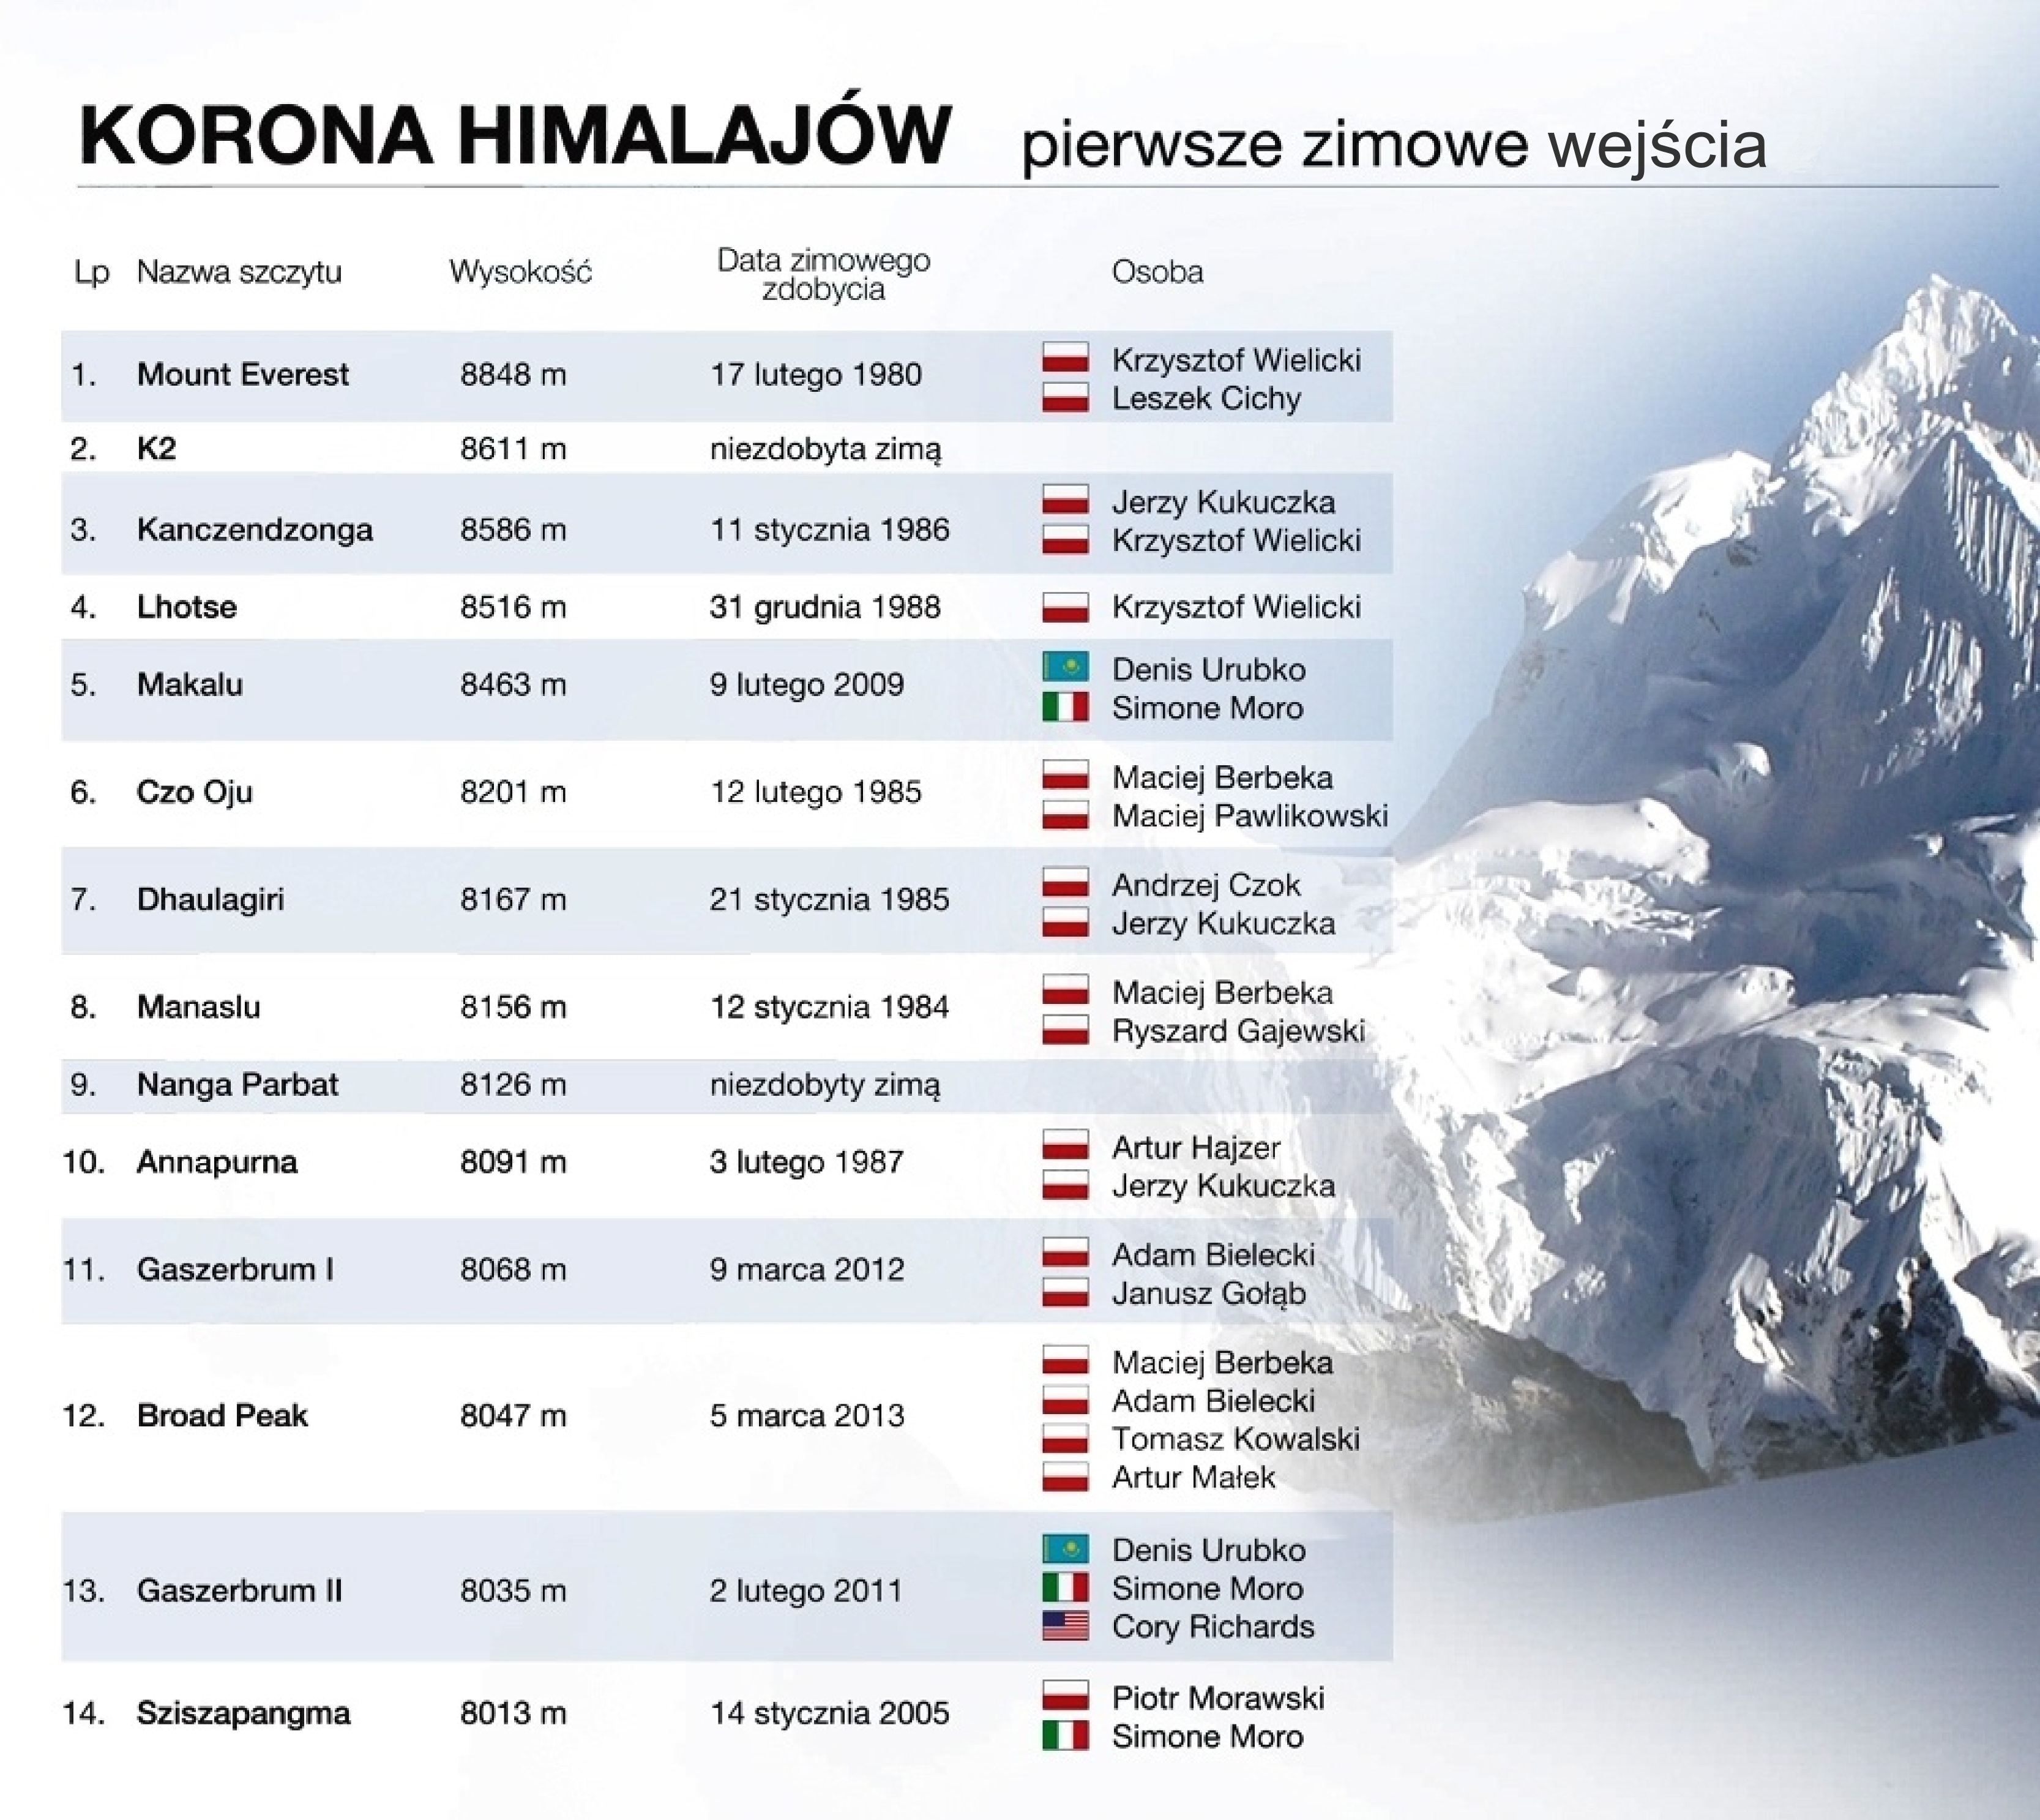 Rys. 1. Korona Himalajów – pierwsze zimowe wejścia (źródło: PZA).